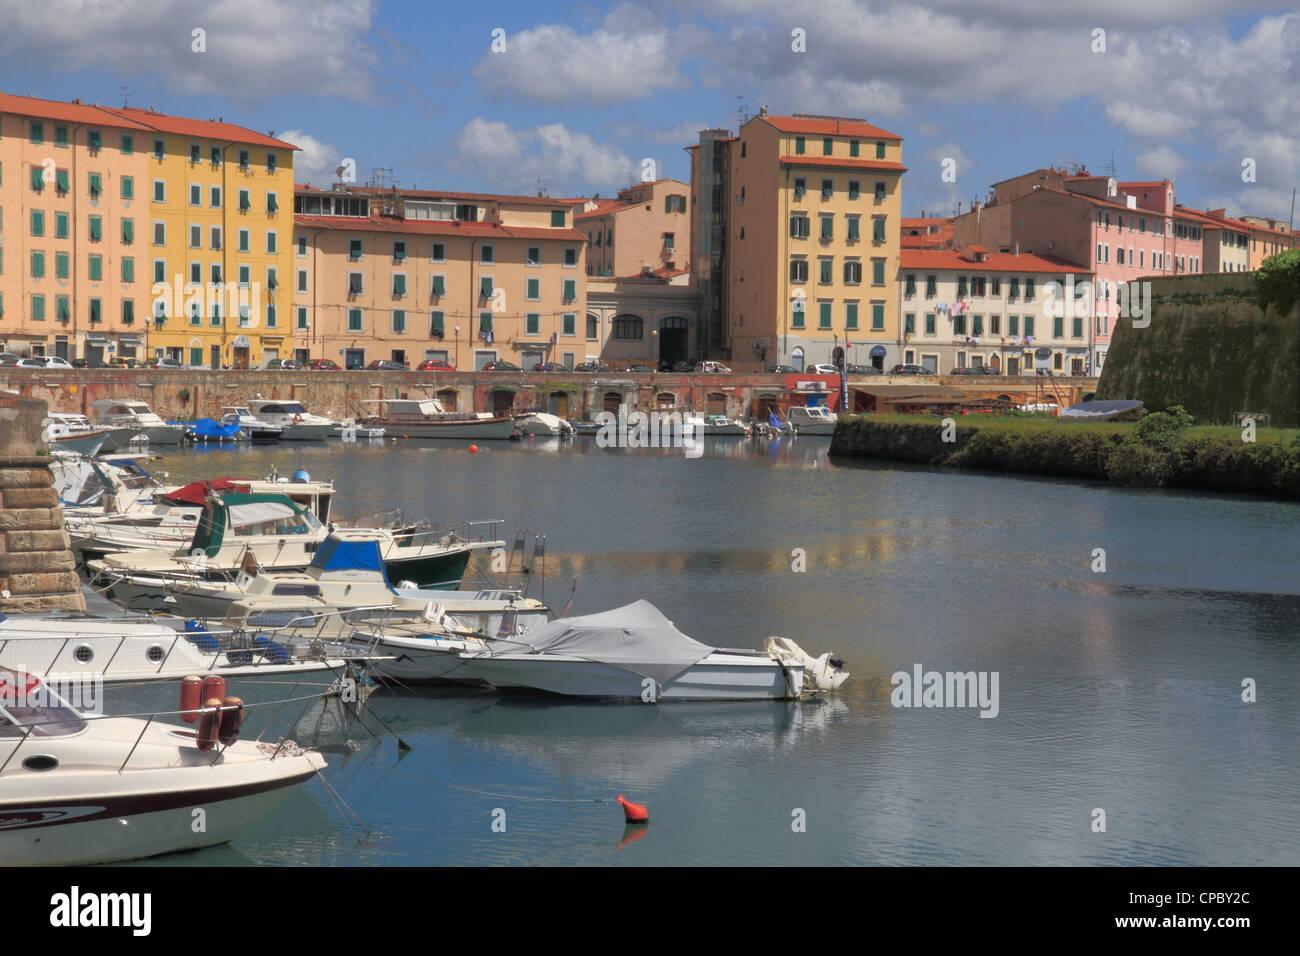 Italy Tuscany Livorno Fosso Reale - Stock Image